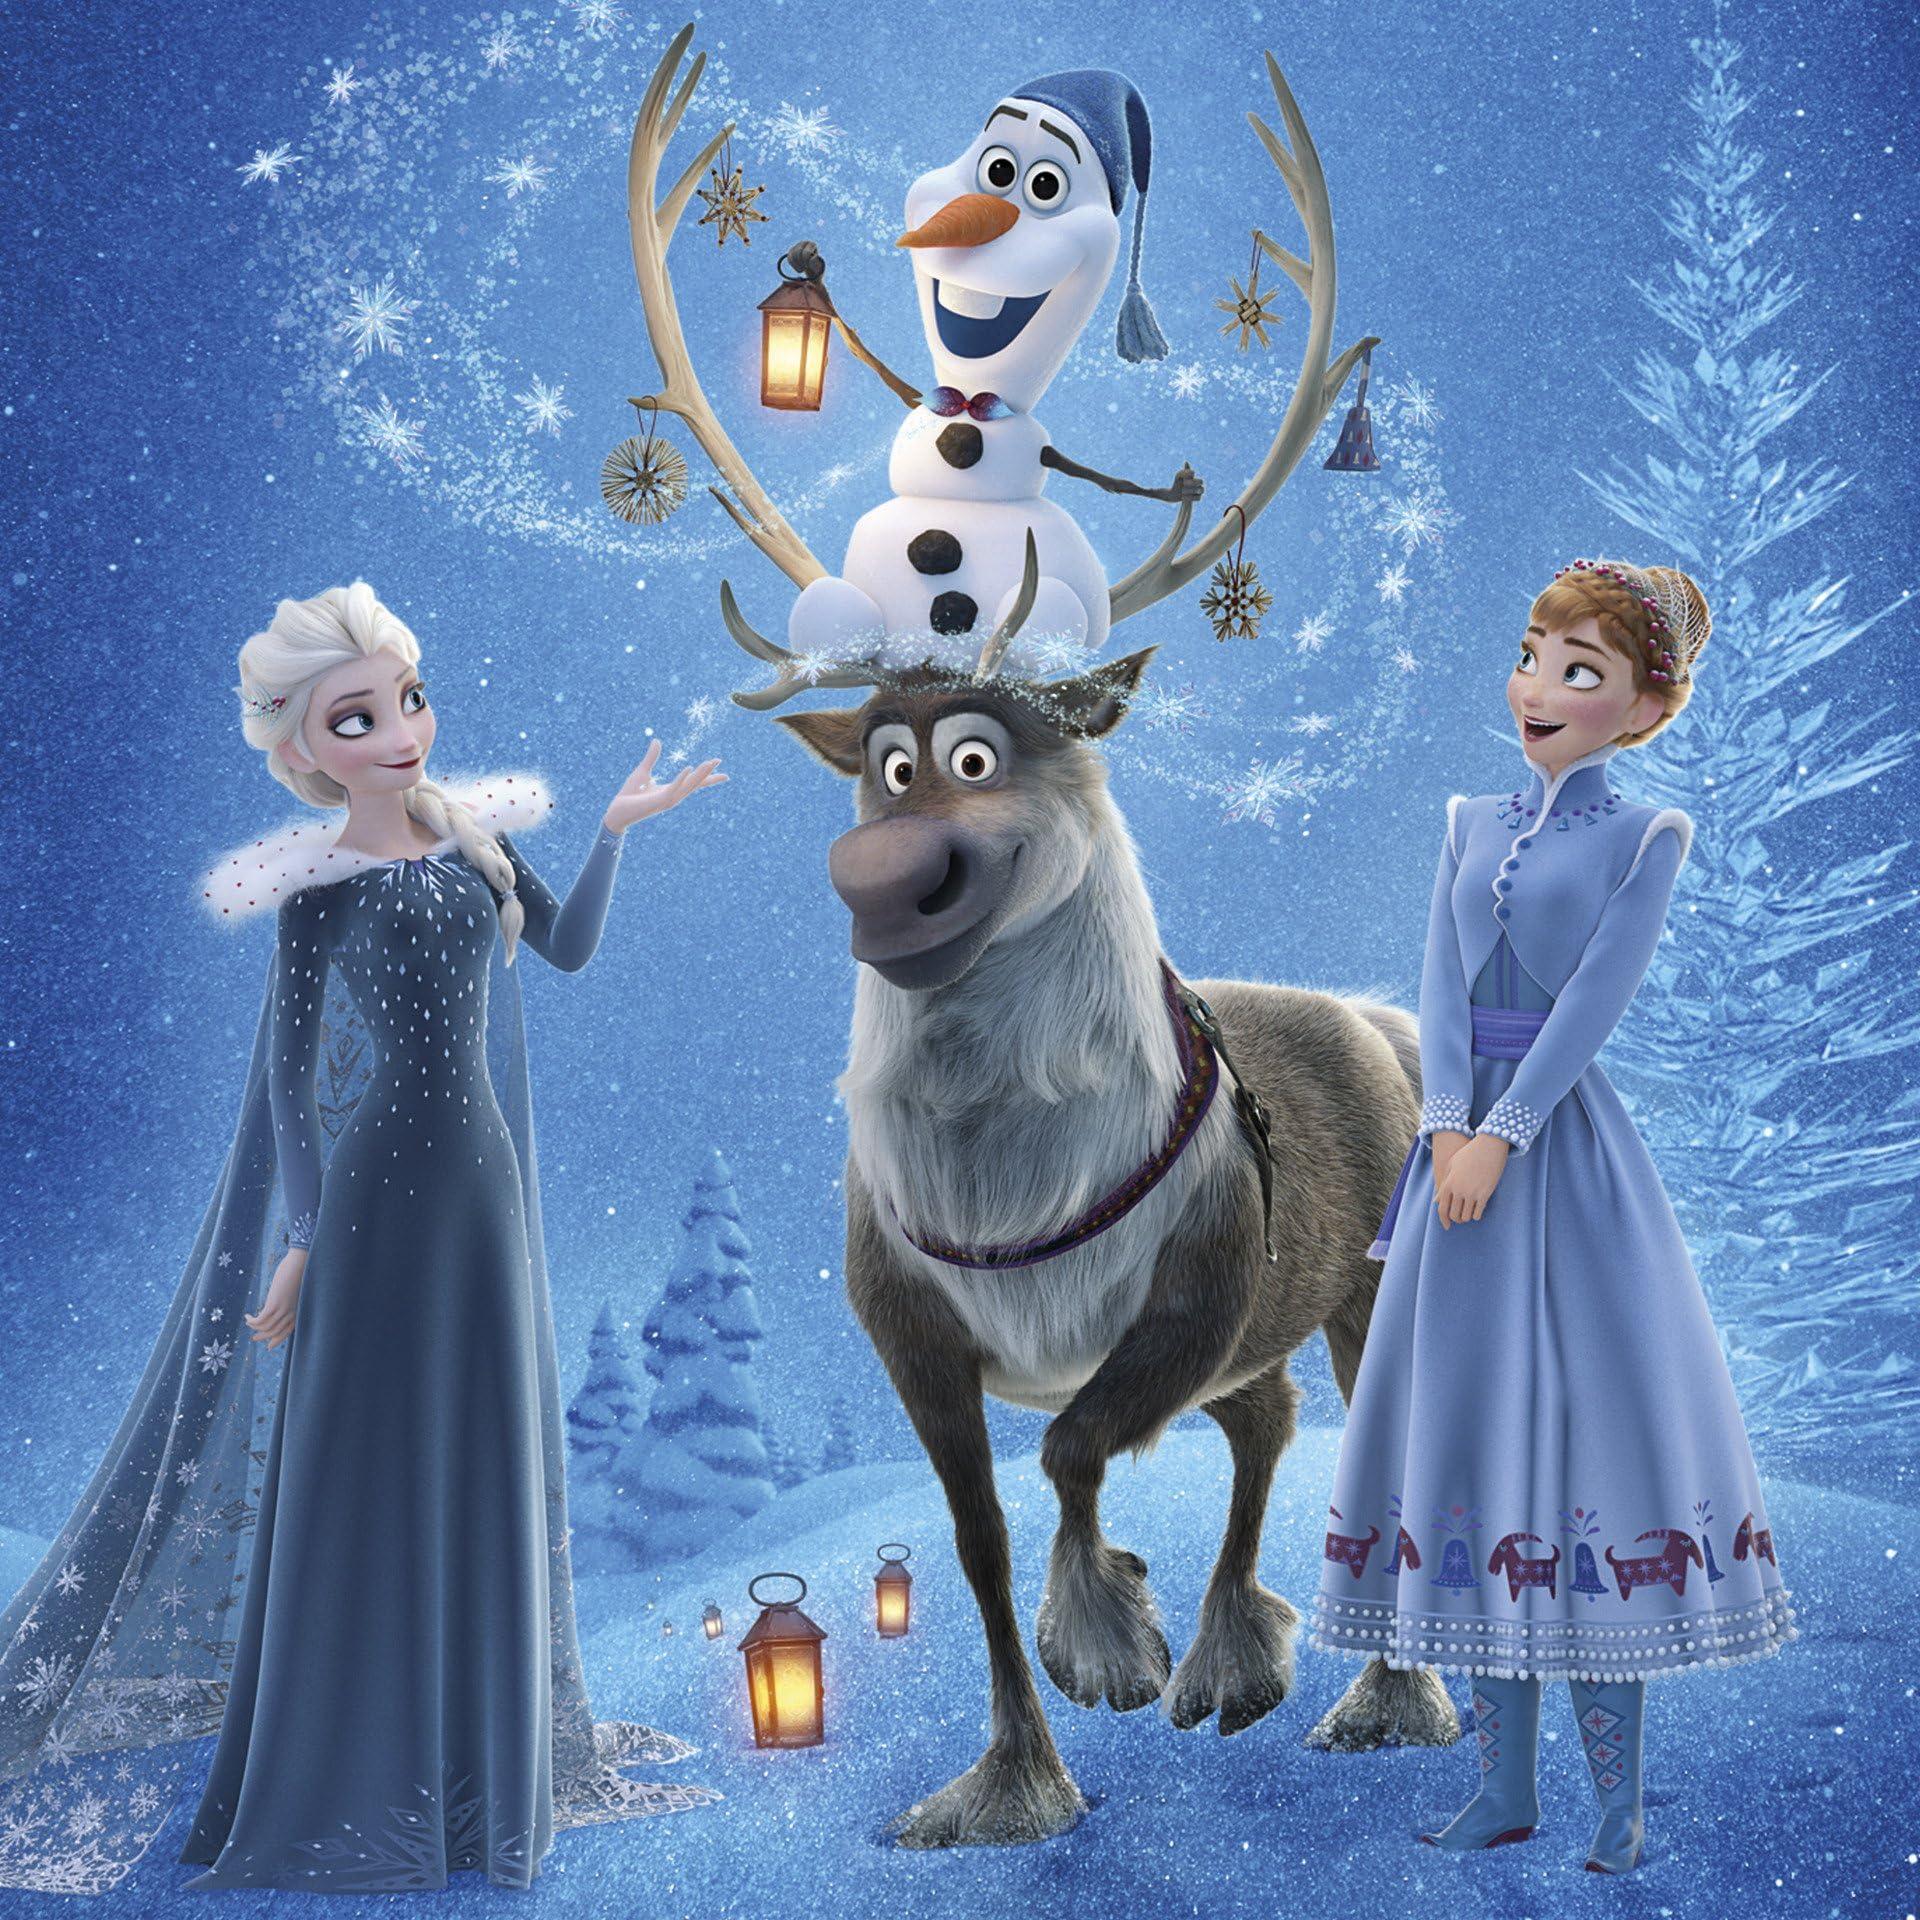 ディズニー Ipad壁紙 アナと雪の女王 エルサ アナ オラフ スヴェン